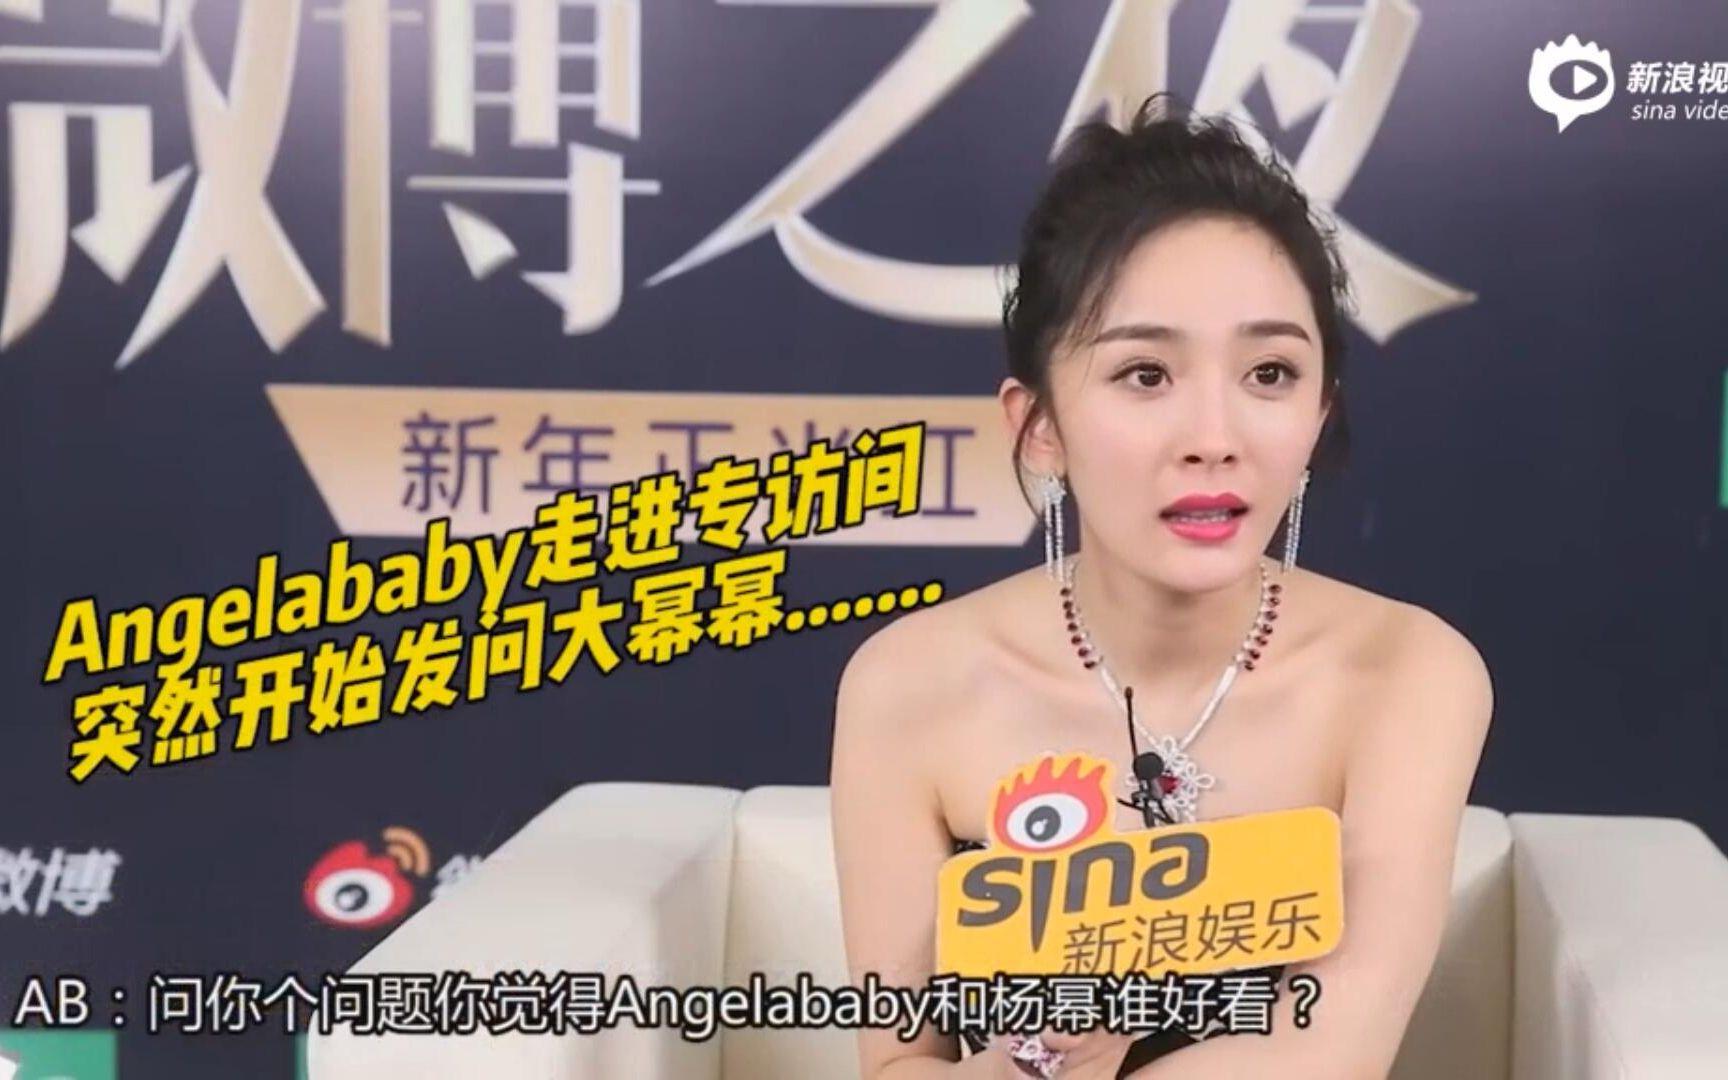 娱乐圈美女如云,杨幂问记者,我和杨颖谁好看时,大家尴尬的笑了